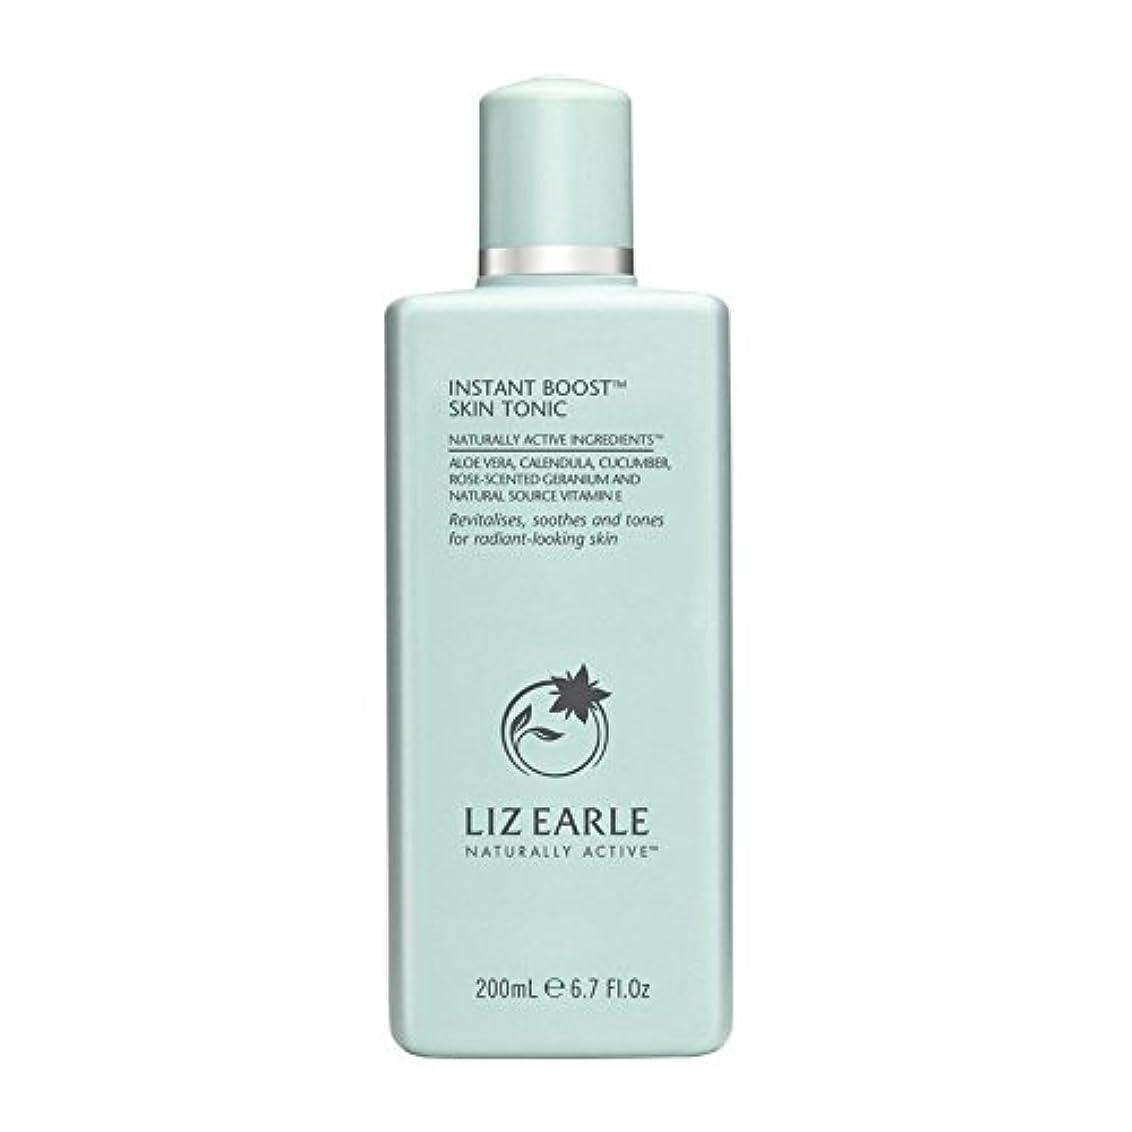 メッセンジャー試みメッセンジャーリズアールインスタントブーストスキントニックボトル200ミリリットル x4 - Liz Earle Instant Boost Skin Tonic Bottle 200ml (Pack of 4) [並行輸入品]